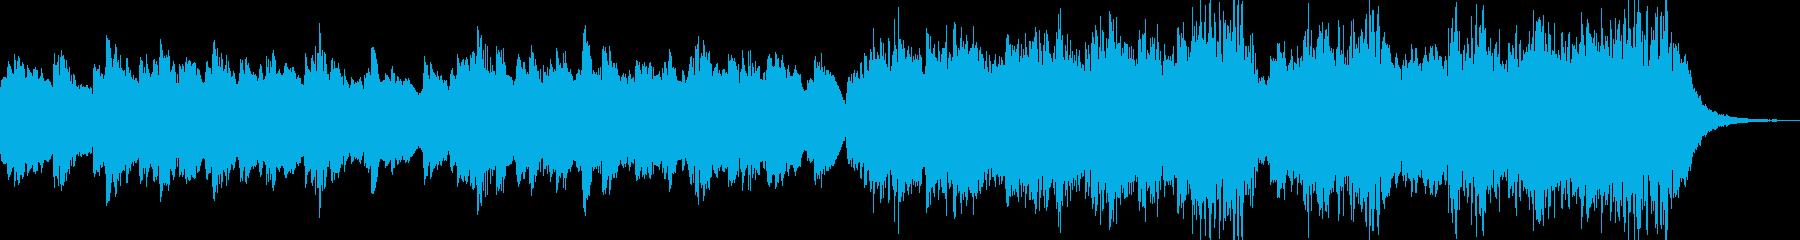 幻想的な空気感のシンプルな曲の再生済みの波形